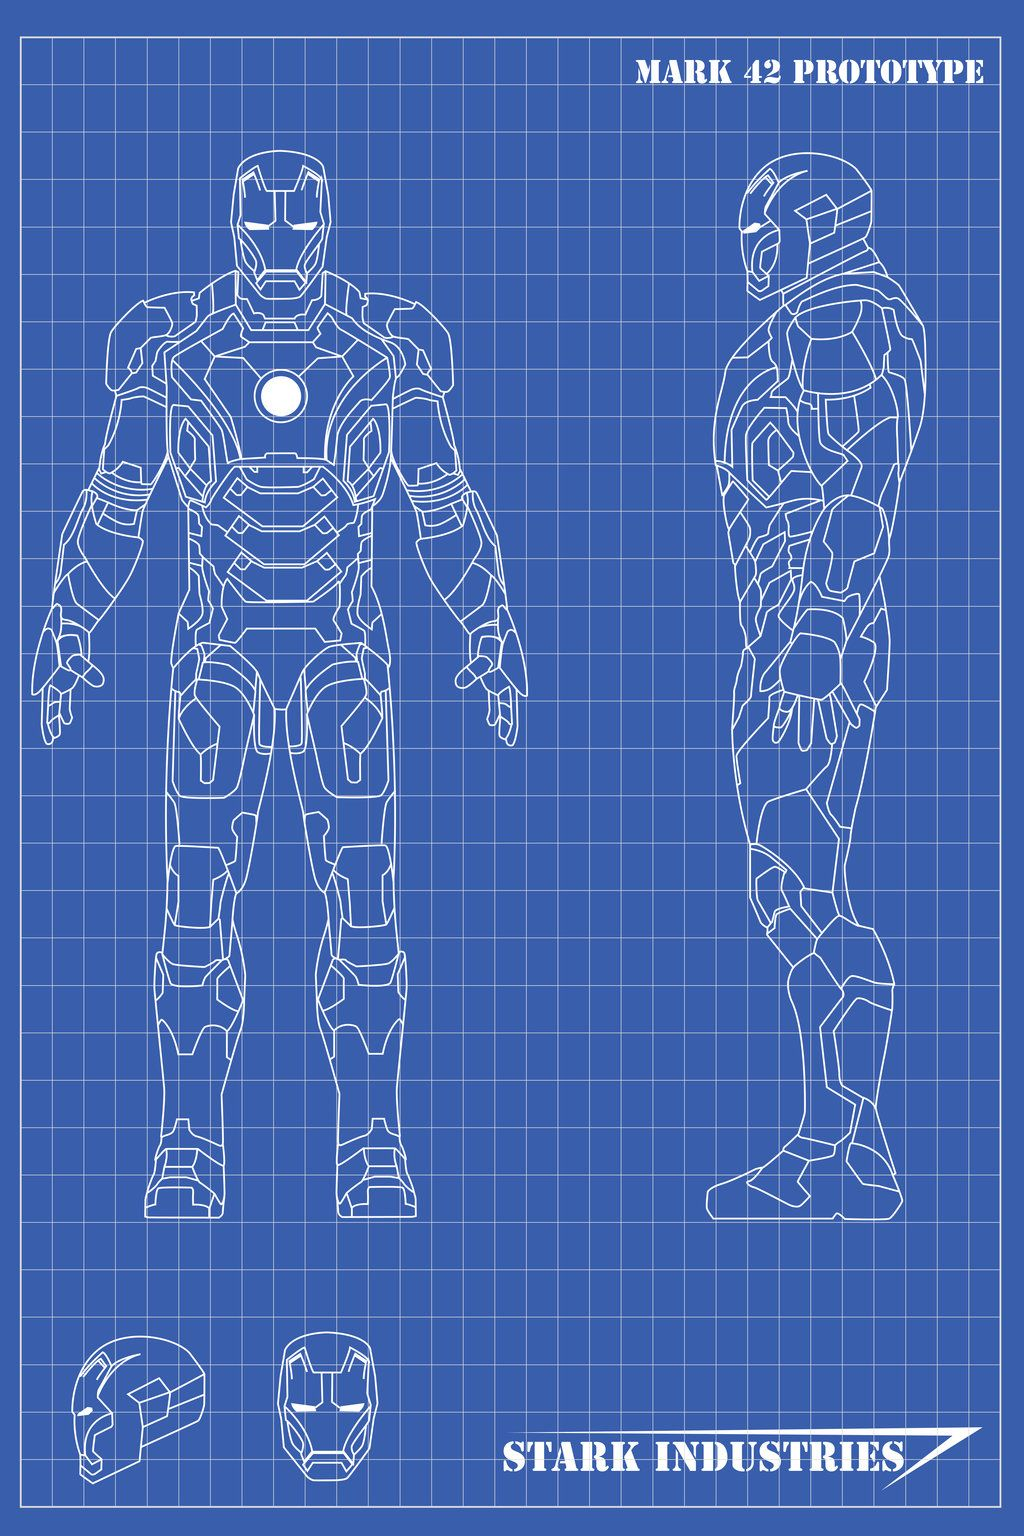 iron man blueprints mk42 by nickgonzales7 deviantart com on rh pinterest com Iron Man Diagram iron man schematics wallpaper